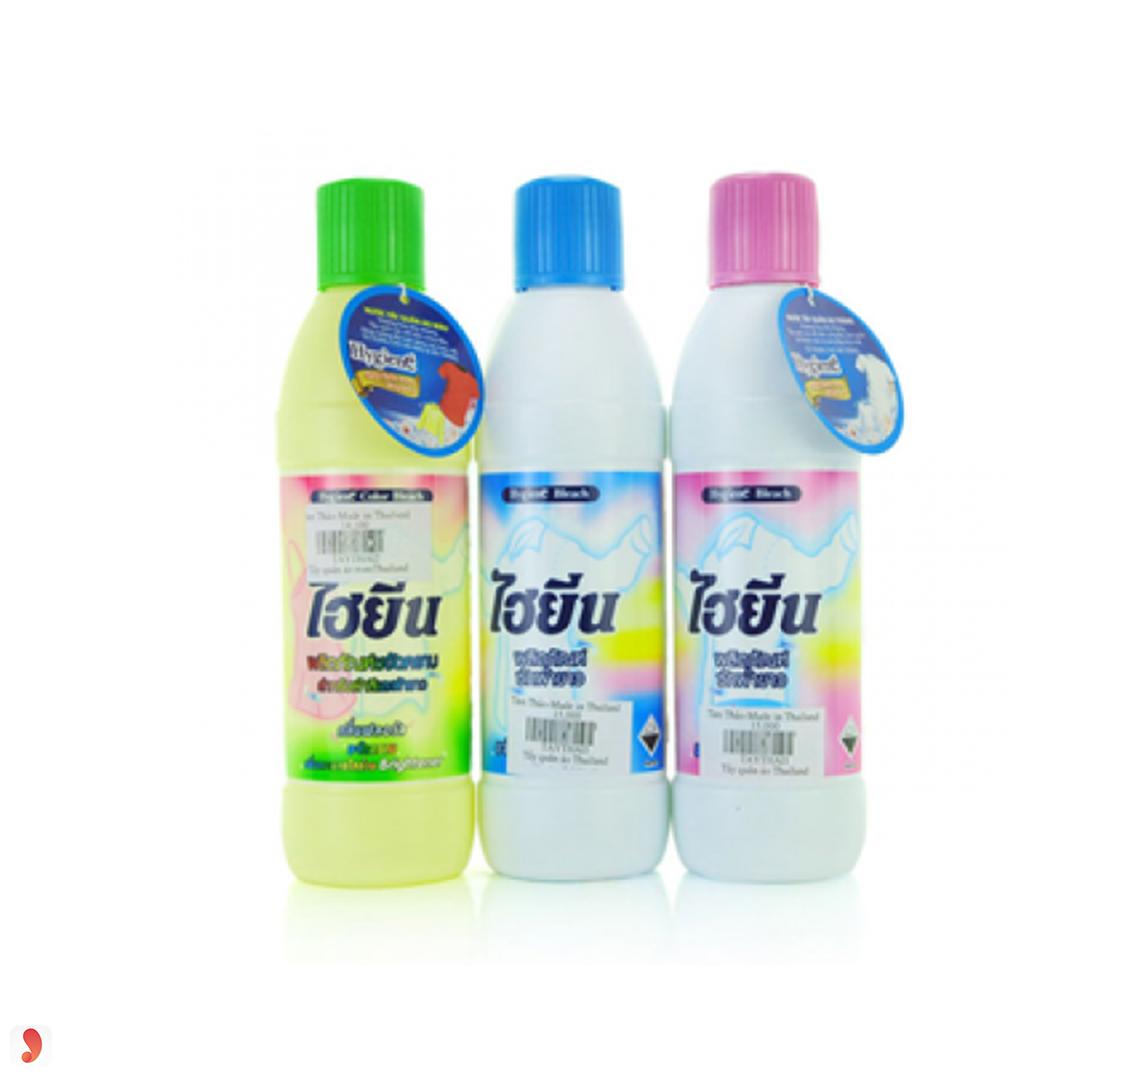 Thuốc tẩy trắng Hygiene 1